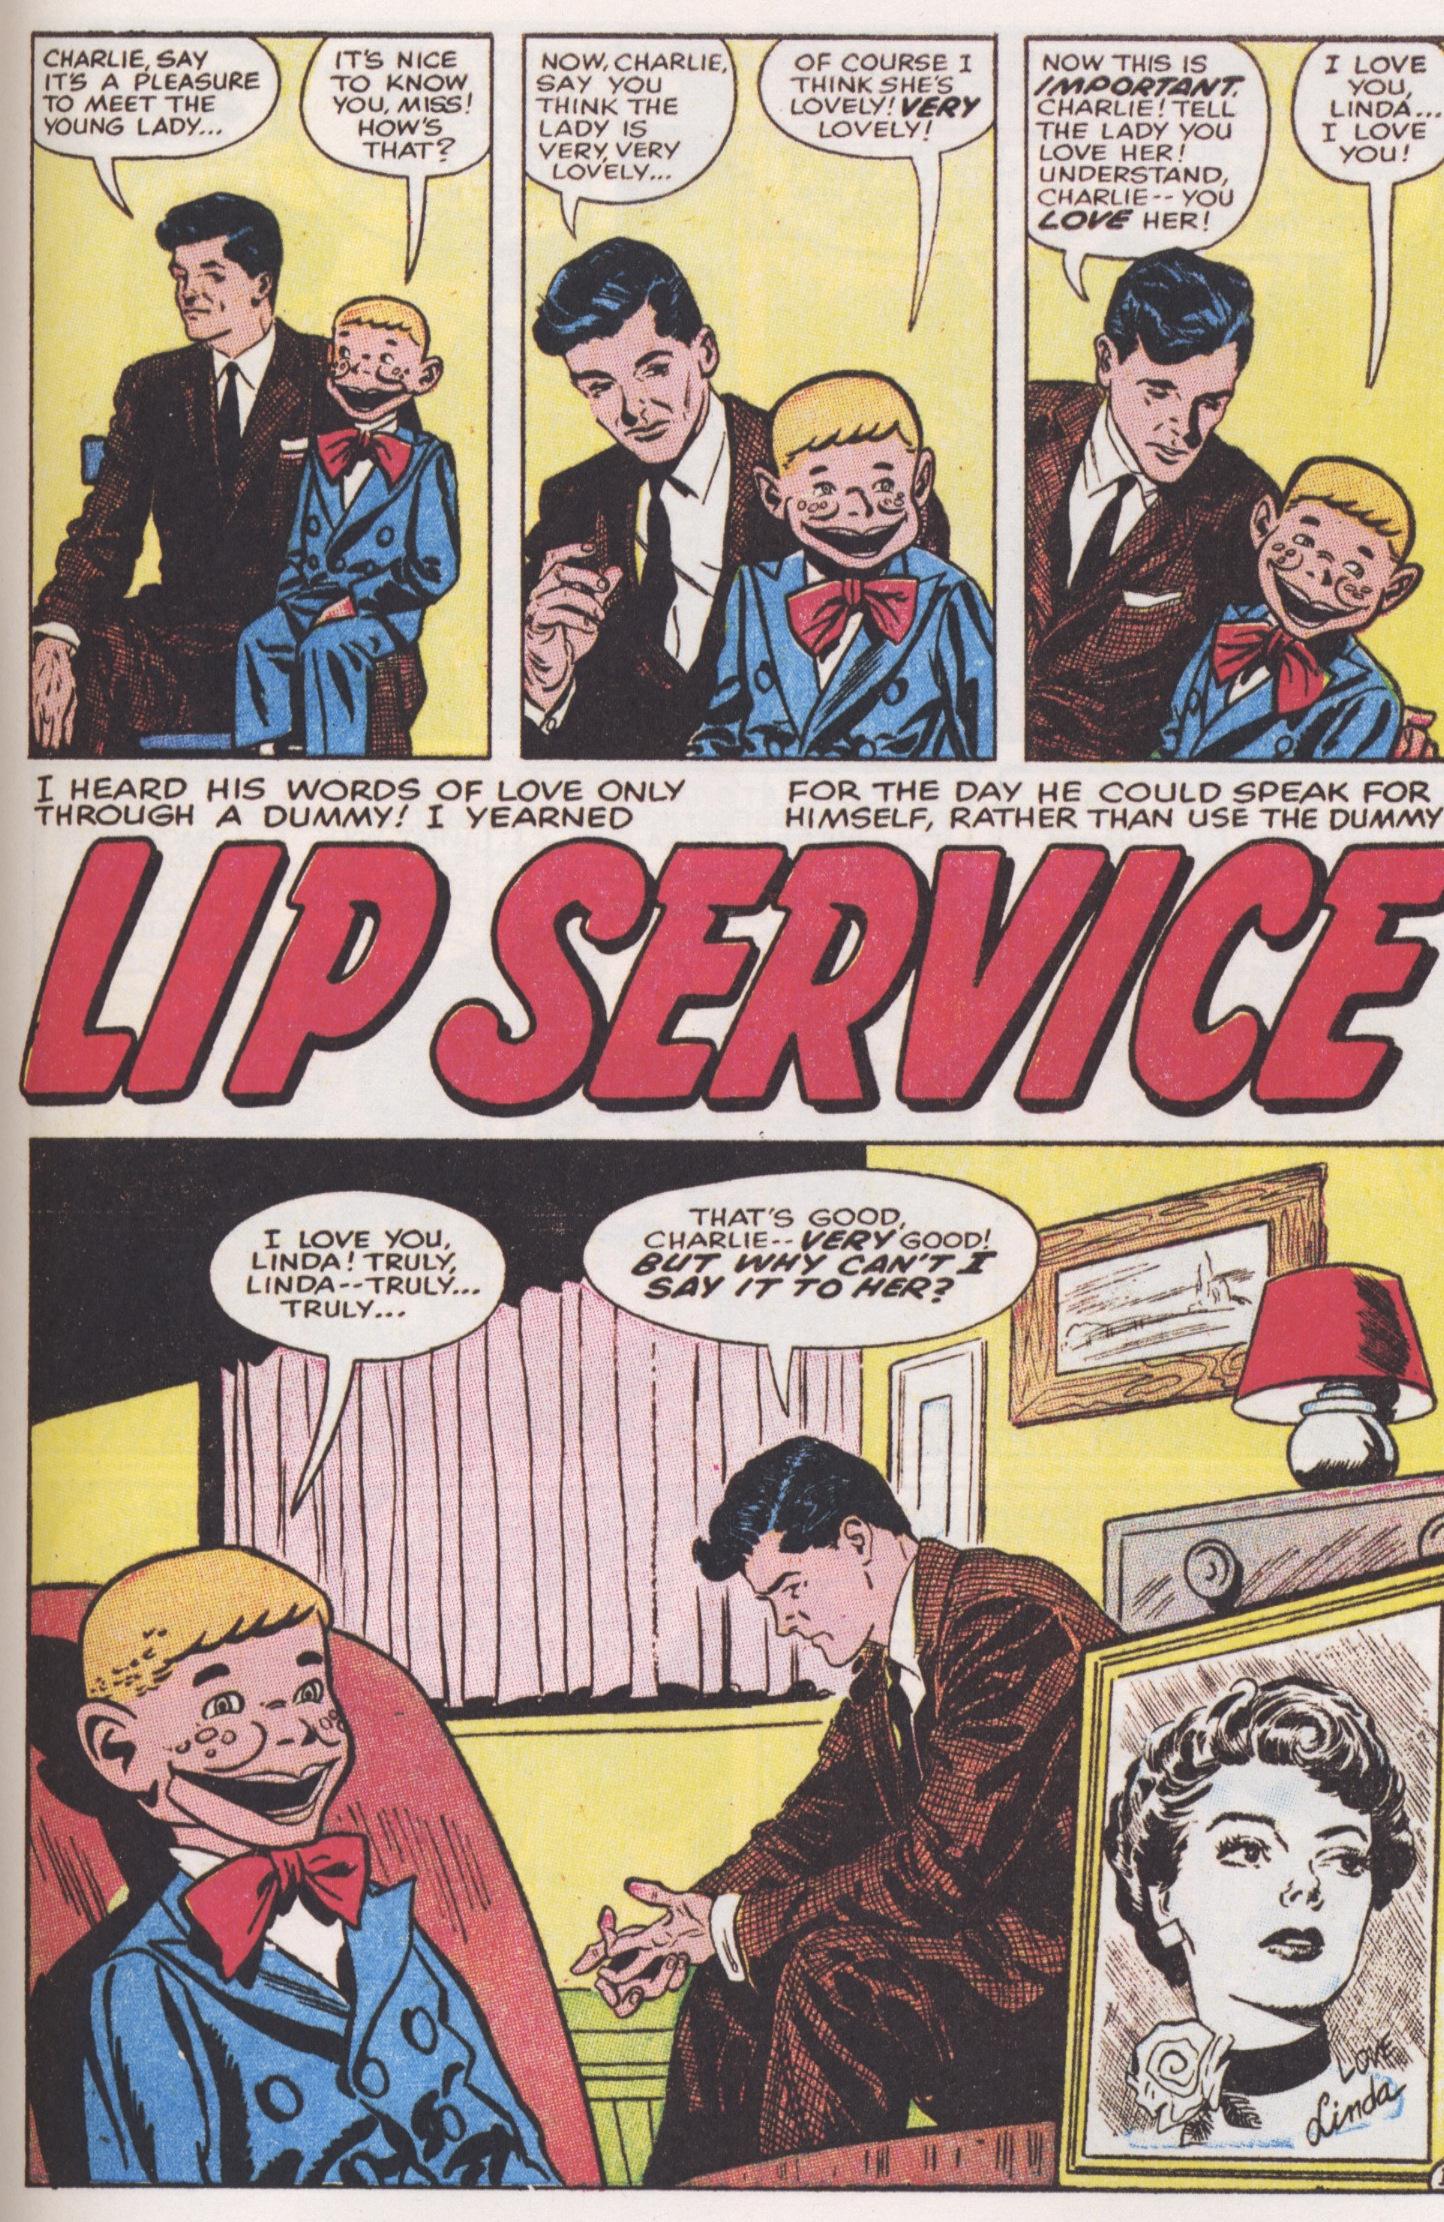 weird romance lip service 2